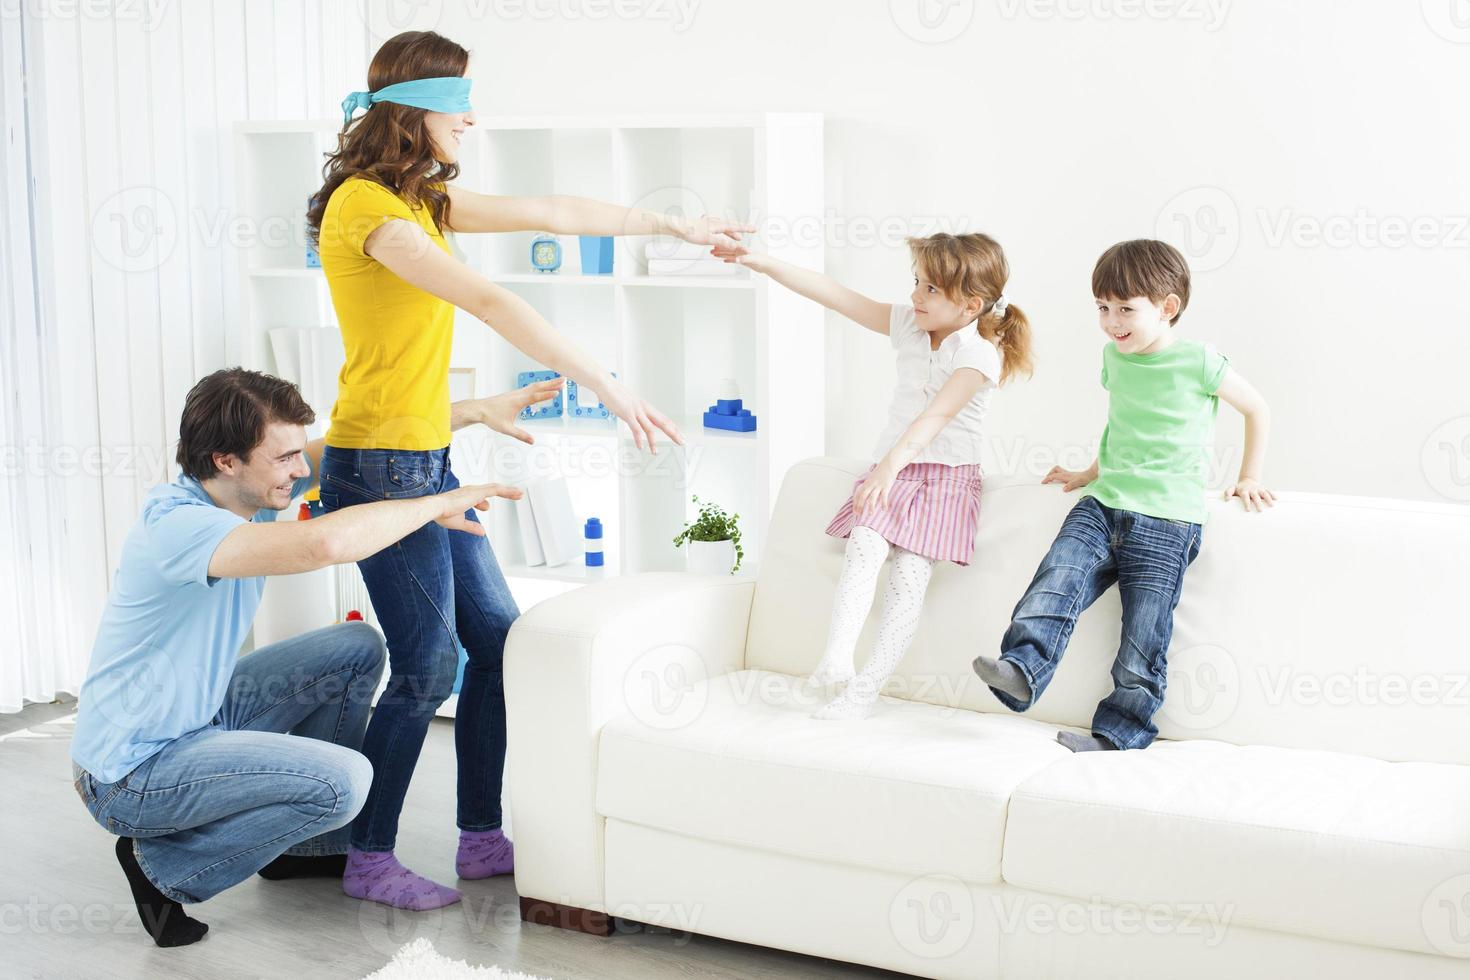 familj som spelar gömställe. foto